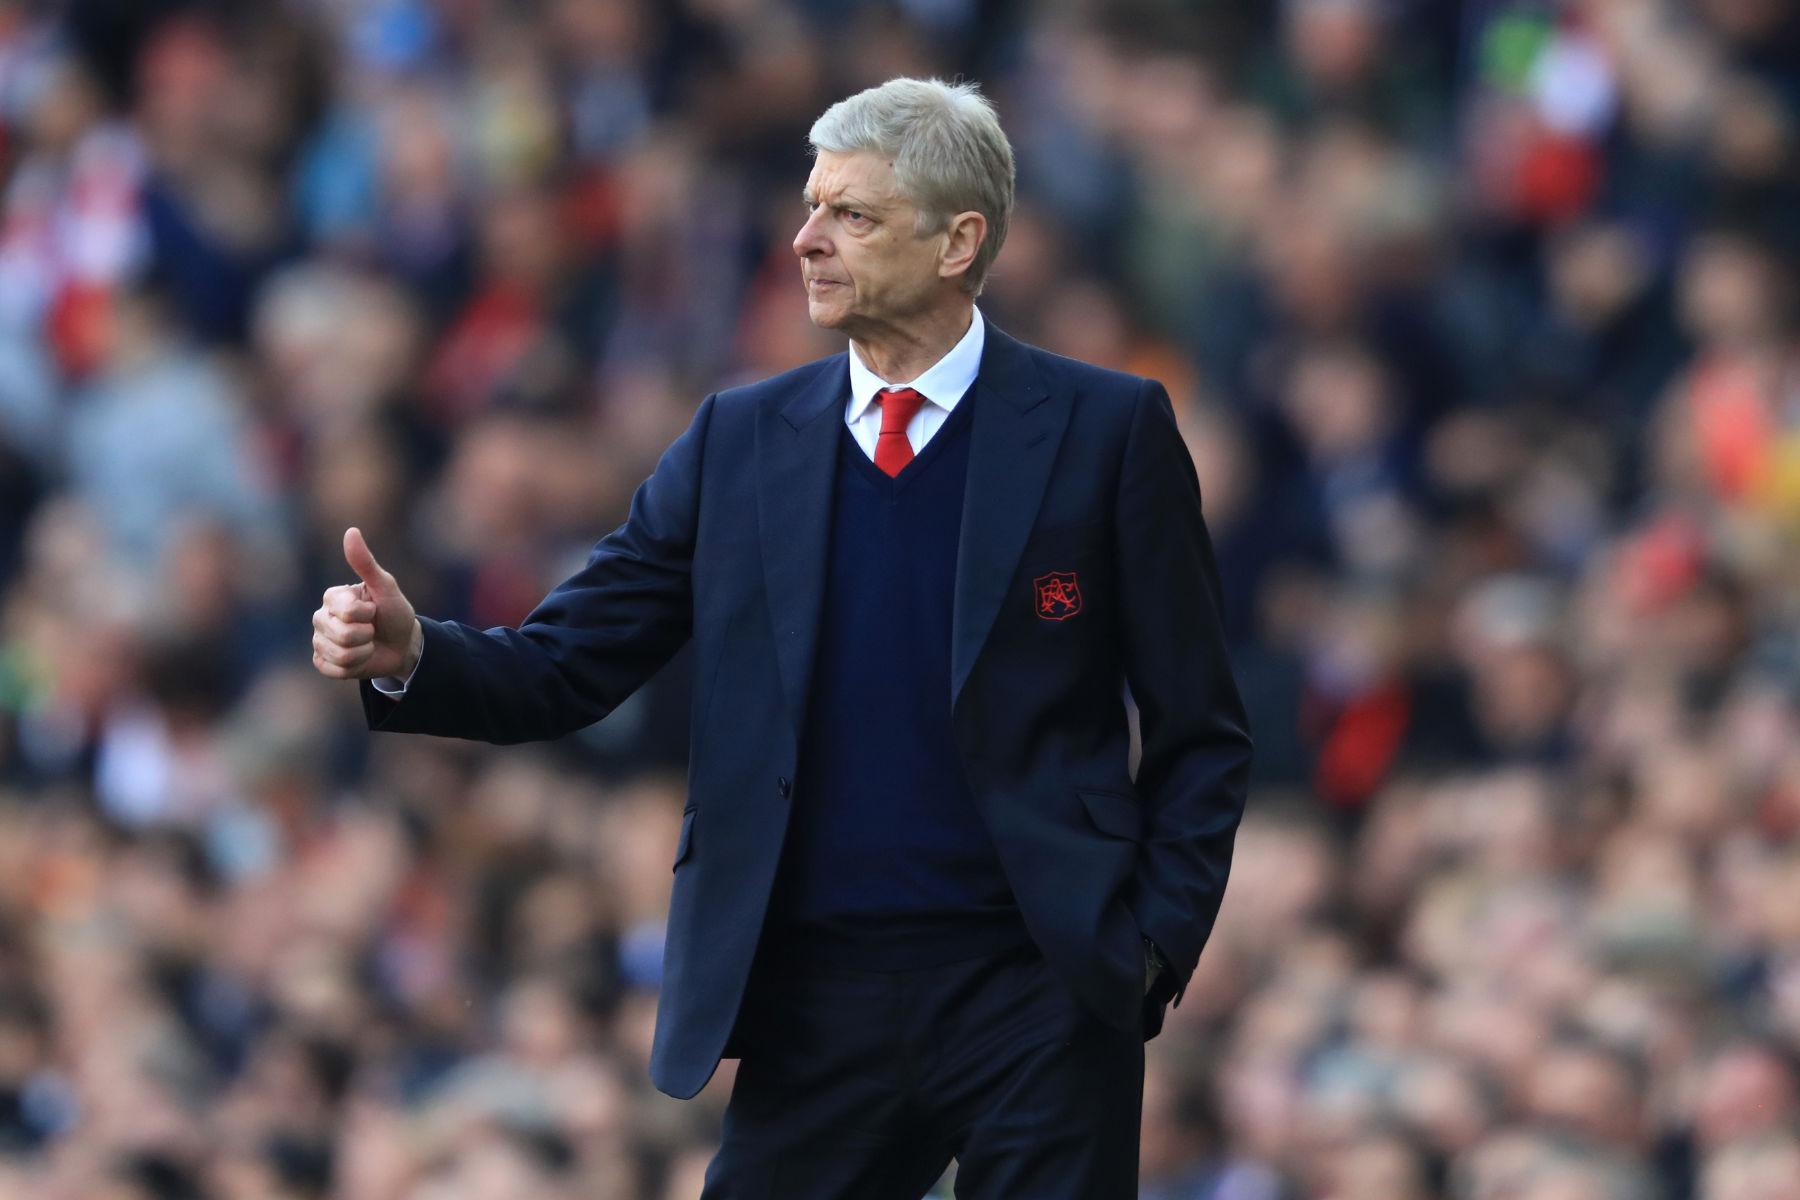 Arsène Wenger ให้คำแนะนำ  เปแอสเช ที่จะไม่ไล่ตาม Lionel Messi;  ต้องการให้พวกเขาใช้เงินเพื่อรักษาซูเปอร์สตาร์สองคนไว้